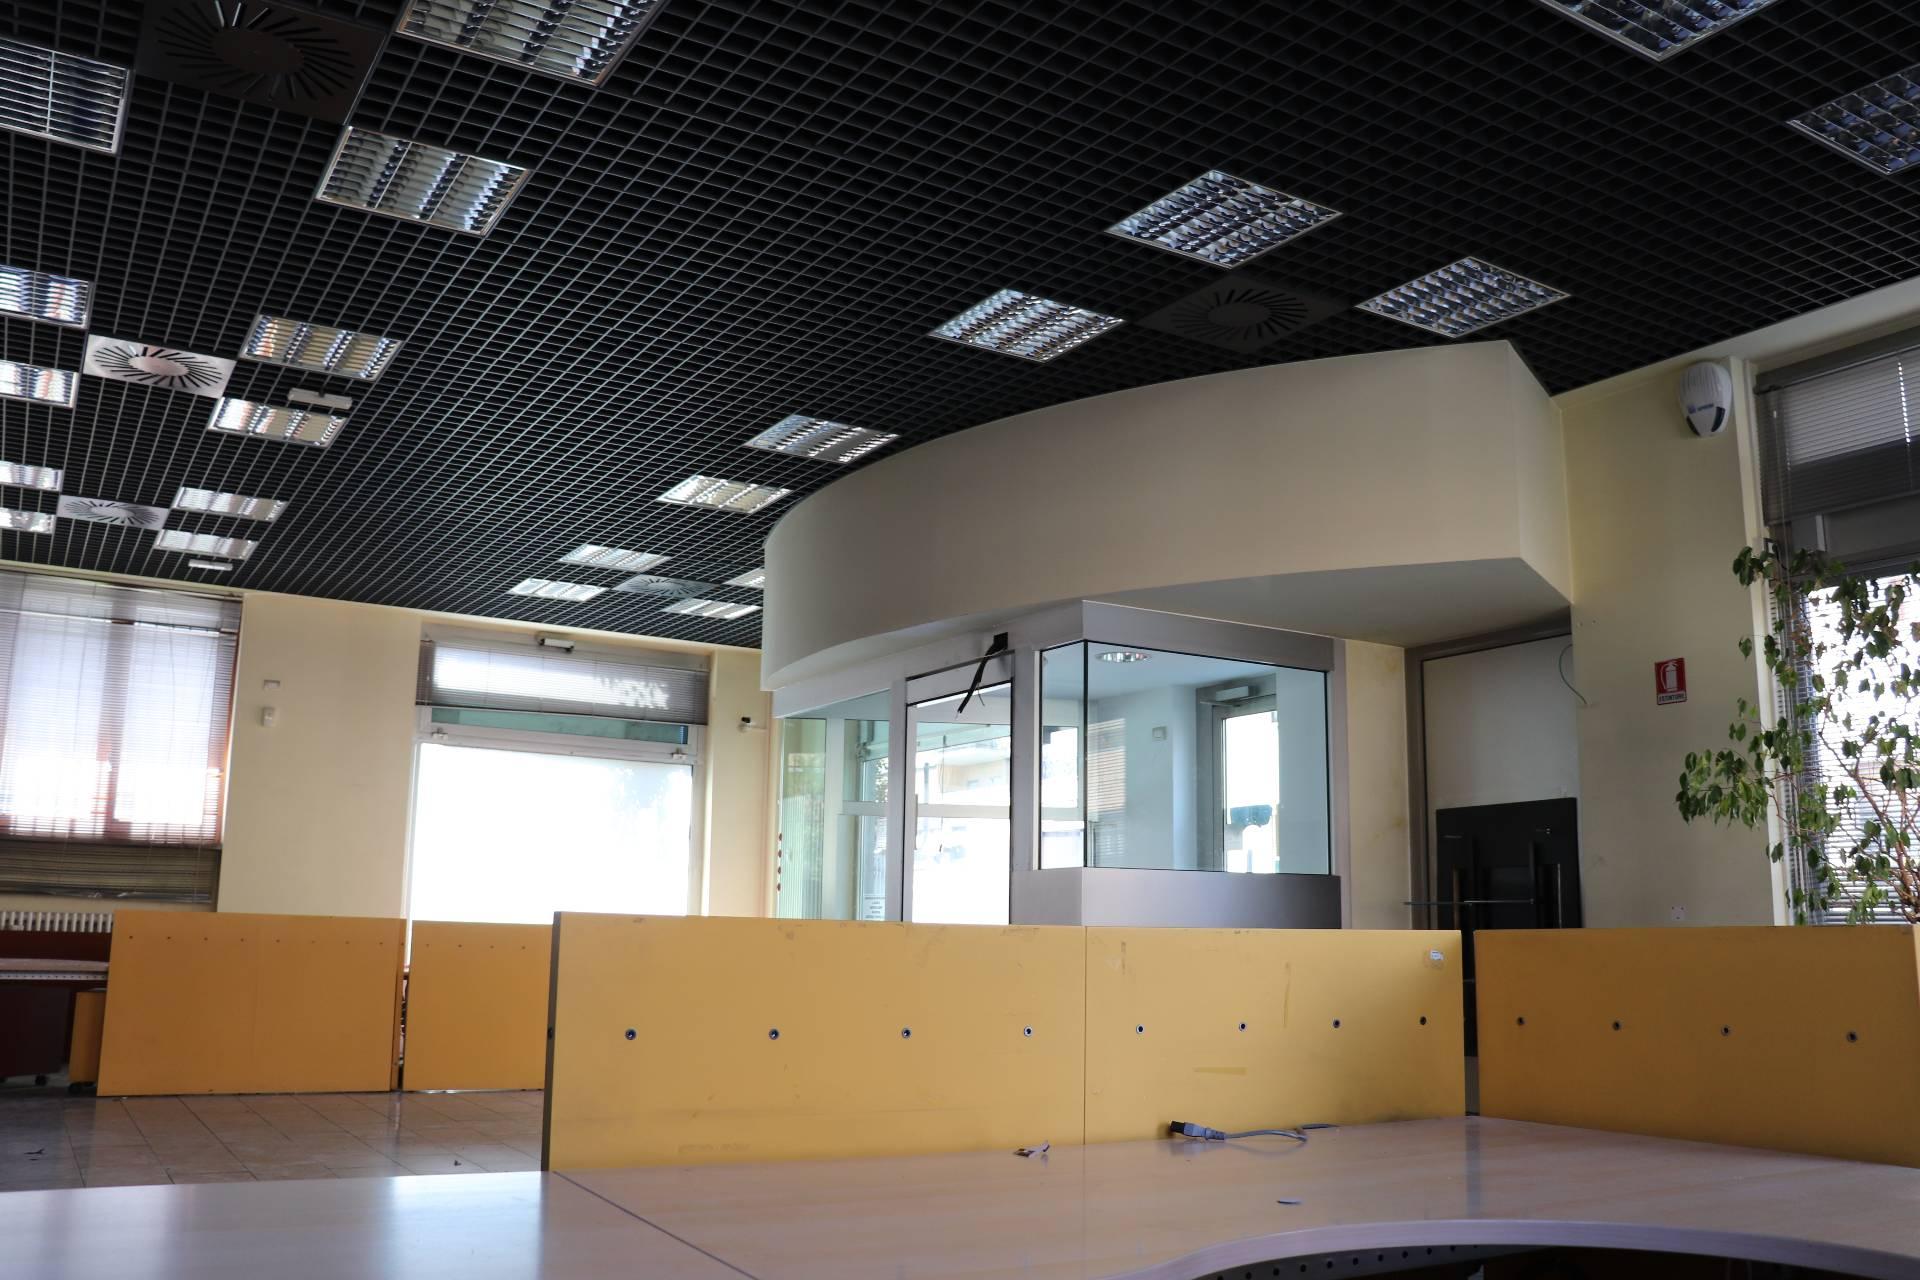 Negozio / Locale in vendita a Novate Milanese, 9999 locali, prezzo € 350.000 | CambioCasa.it